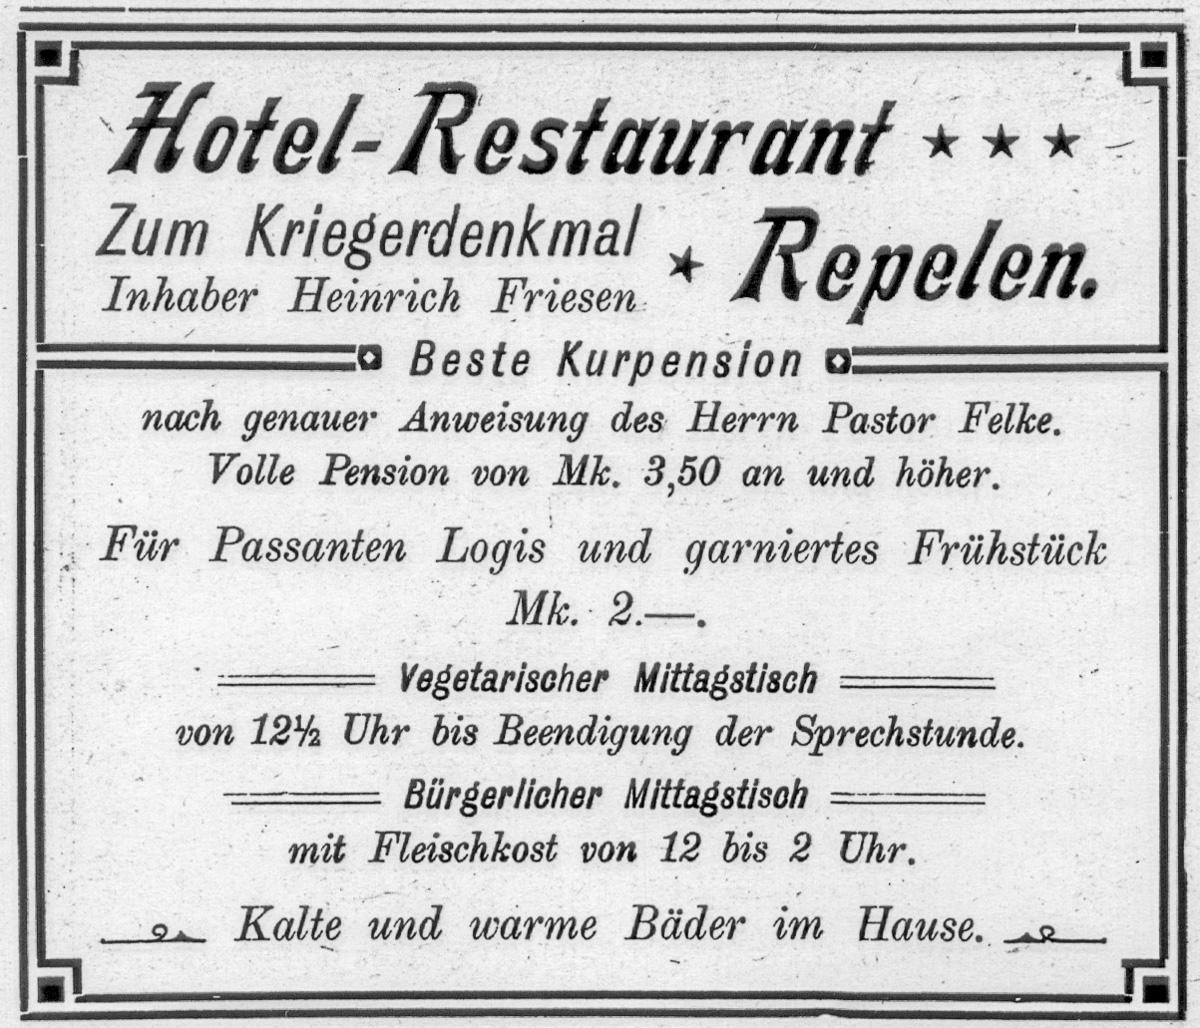 145_anz-restaurant-friesen